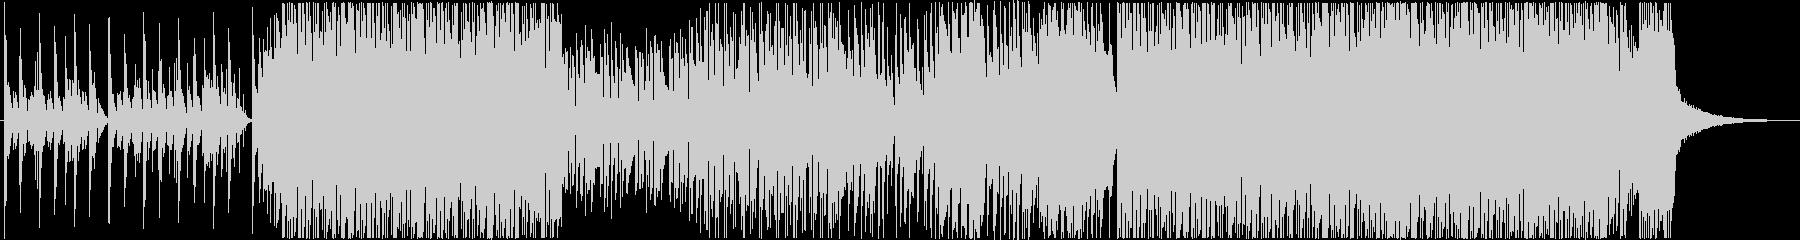 サンバ調のかわいいアコースティックBGMの未再生の波形